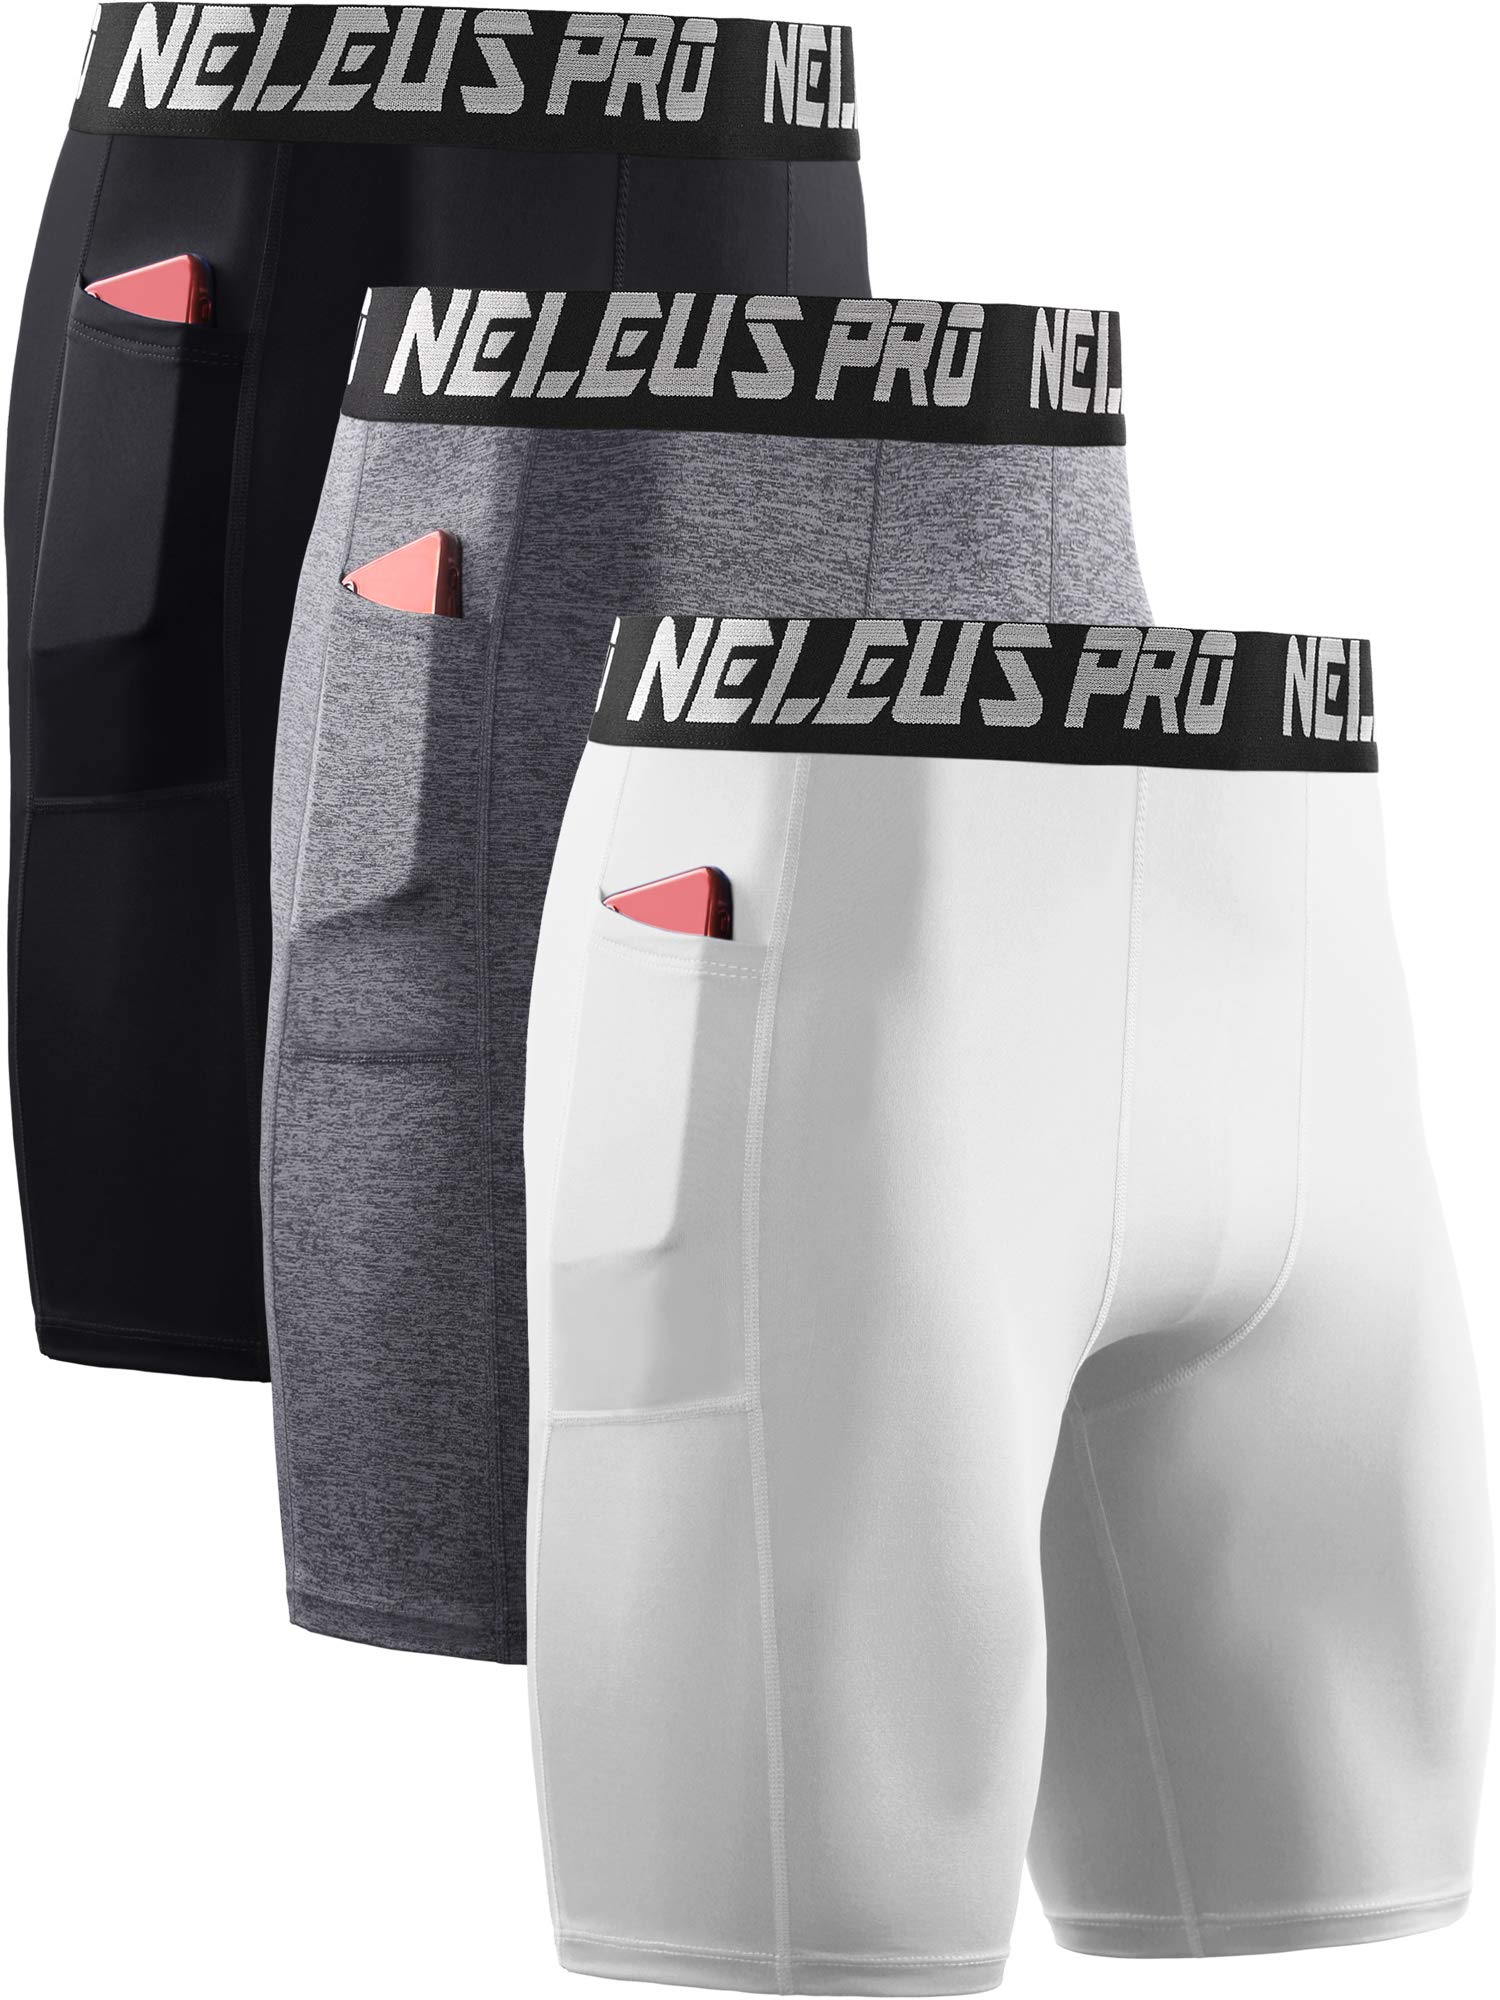 Neleus Men's 3 Pack Compression Shorts with Pockets,6063,Black/Grey/White,US S,EU M by Neleus